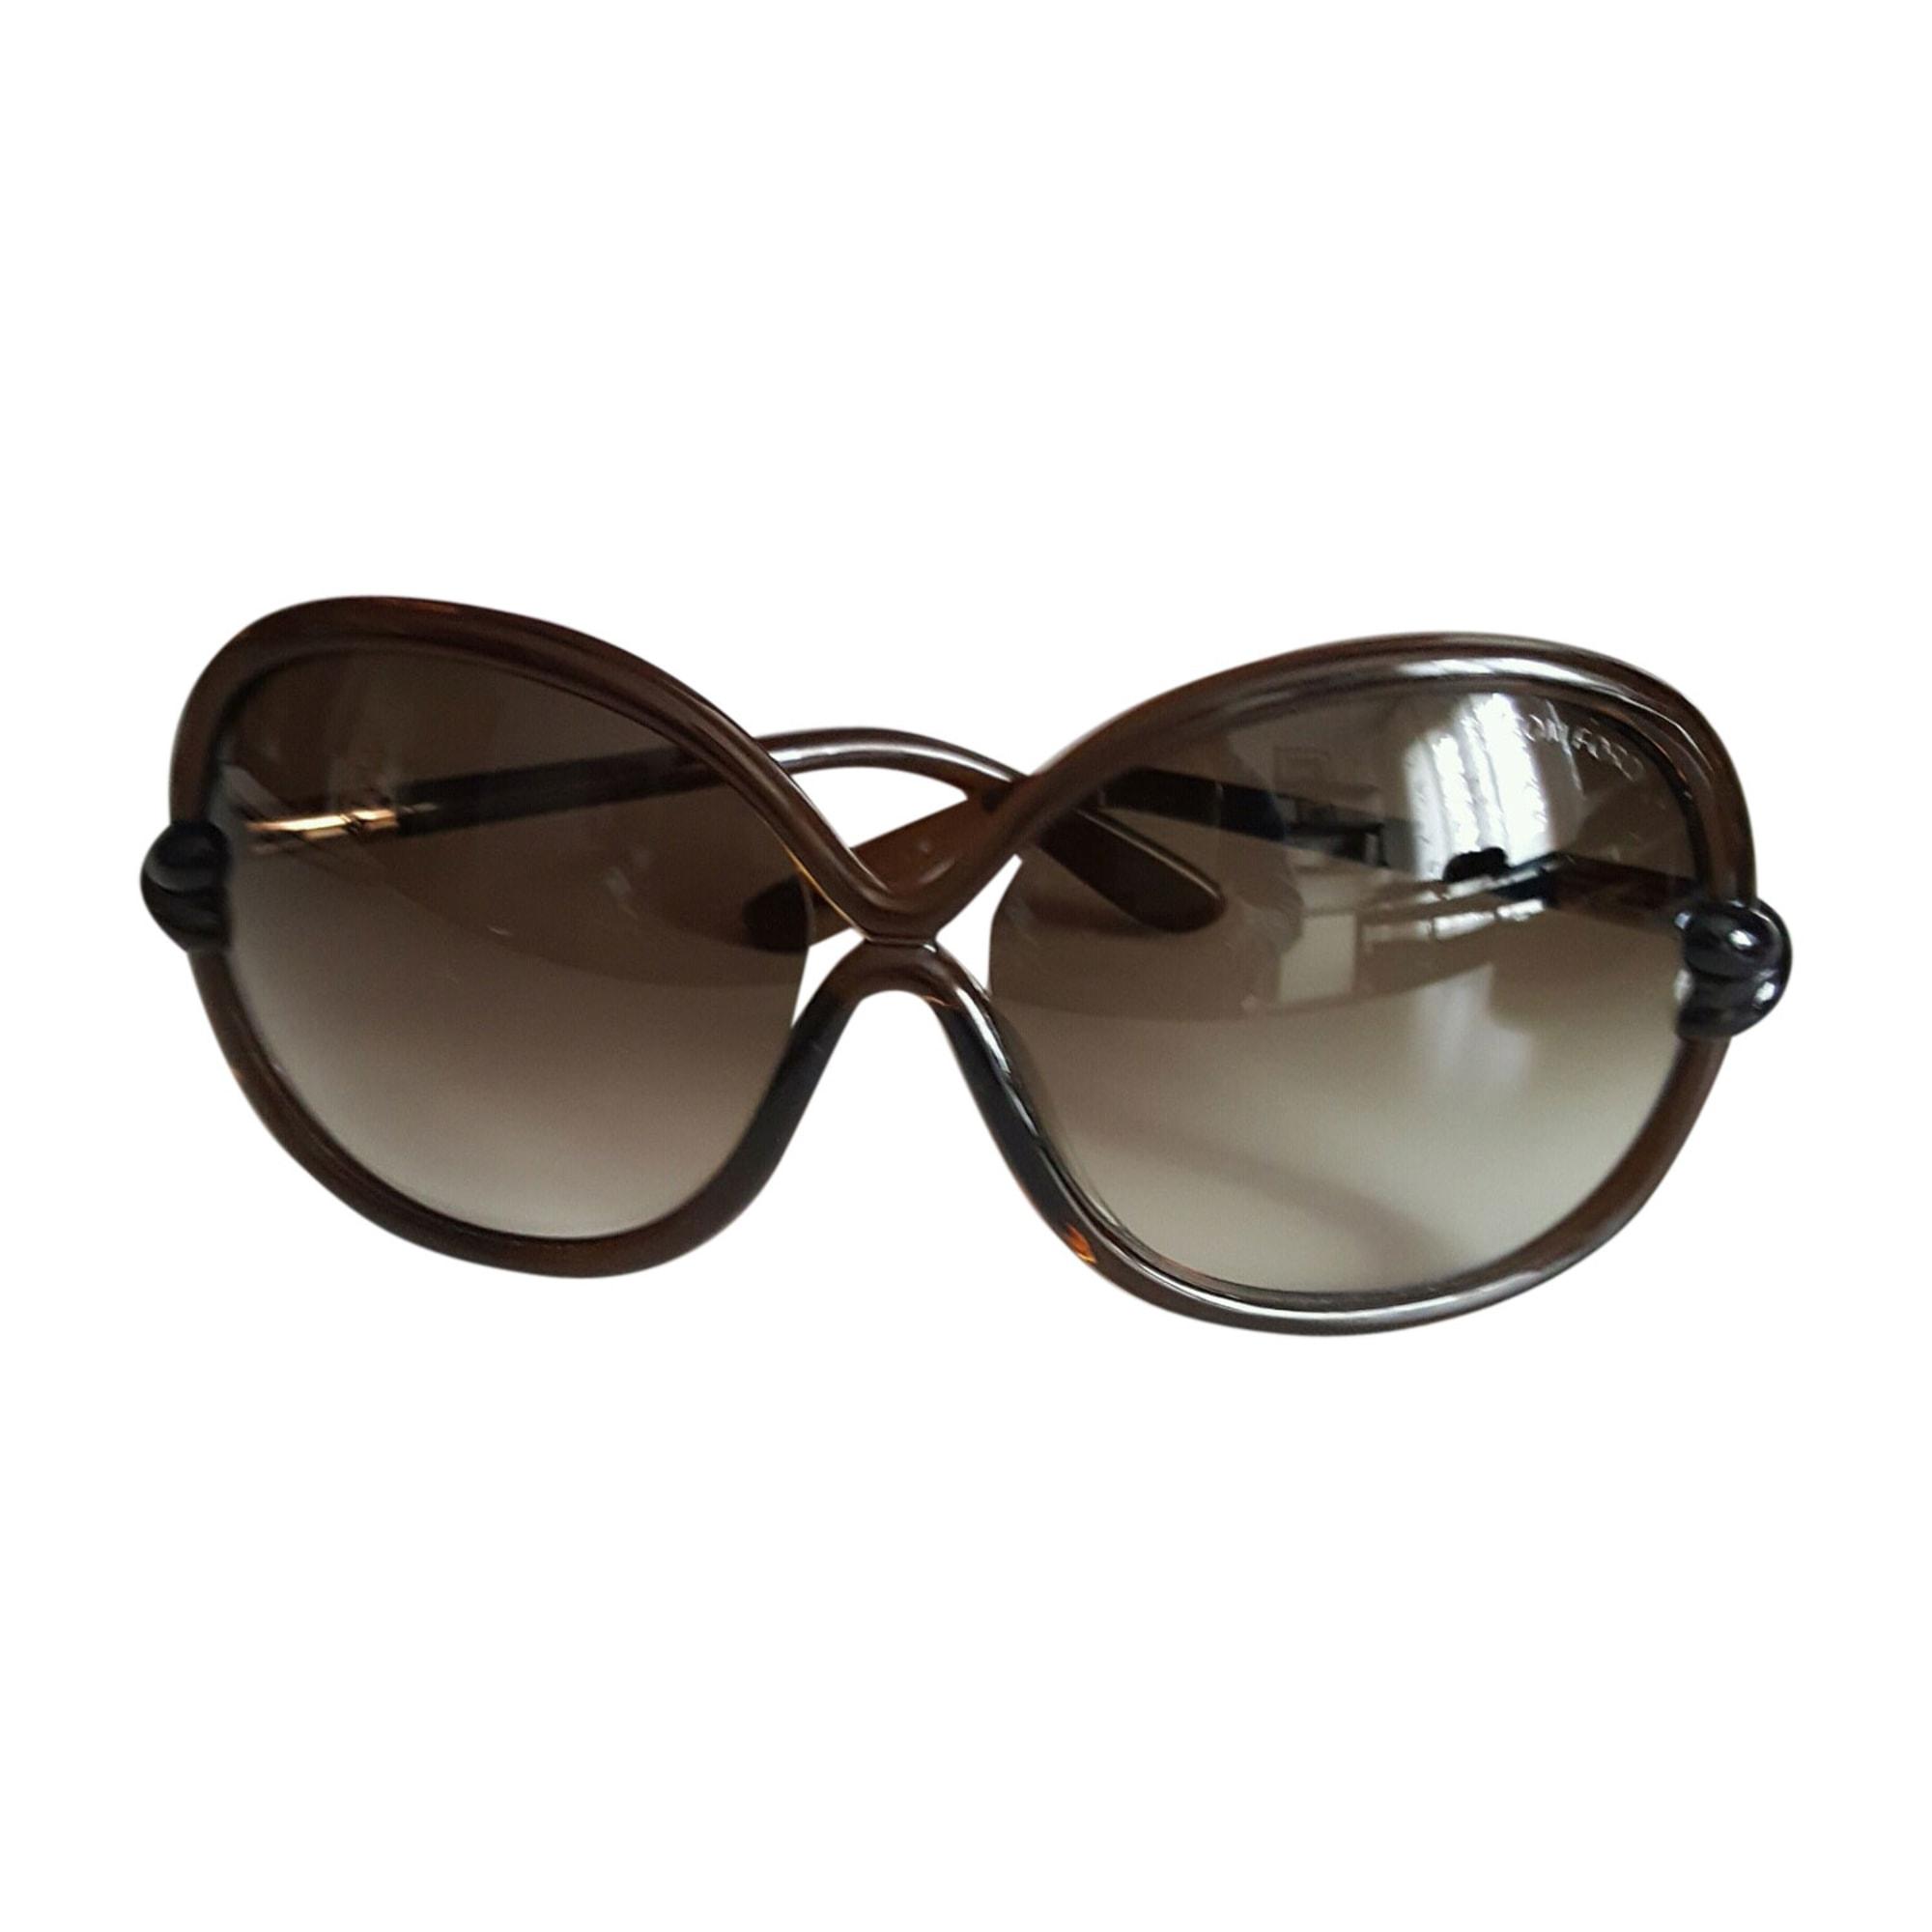 sonnenbrille tom ford braun vendu par ceci94 4927607. Black Bedroom Furniture Sets. Home Design Ideas